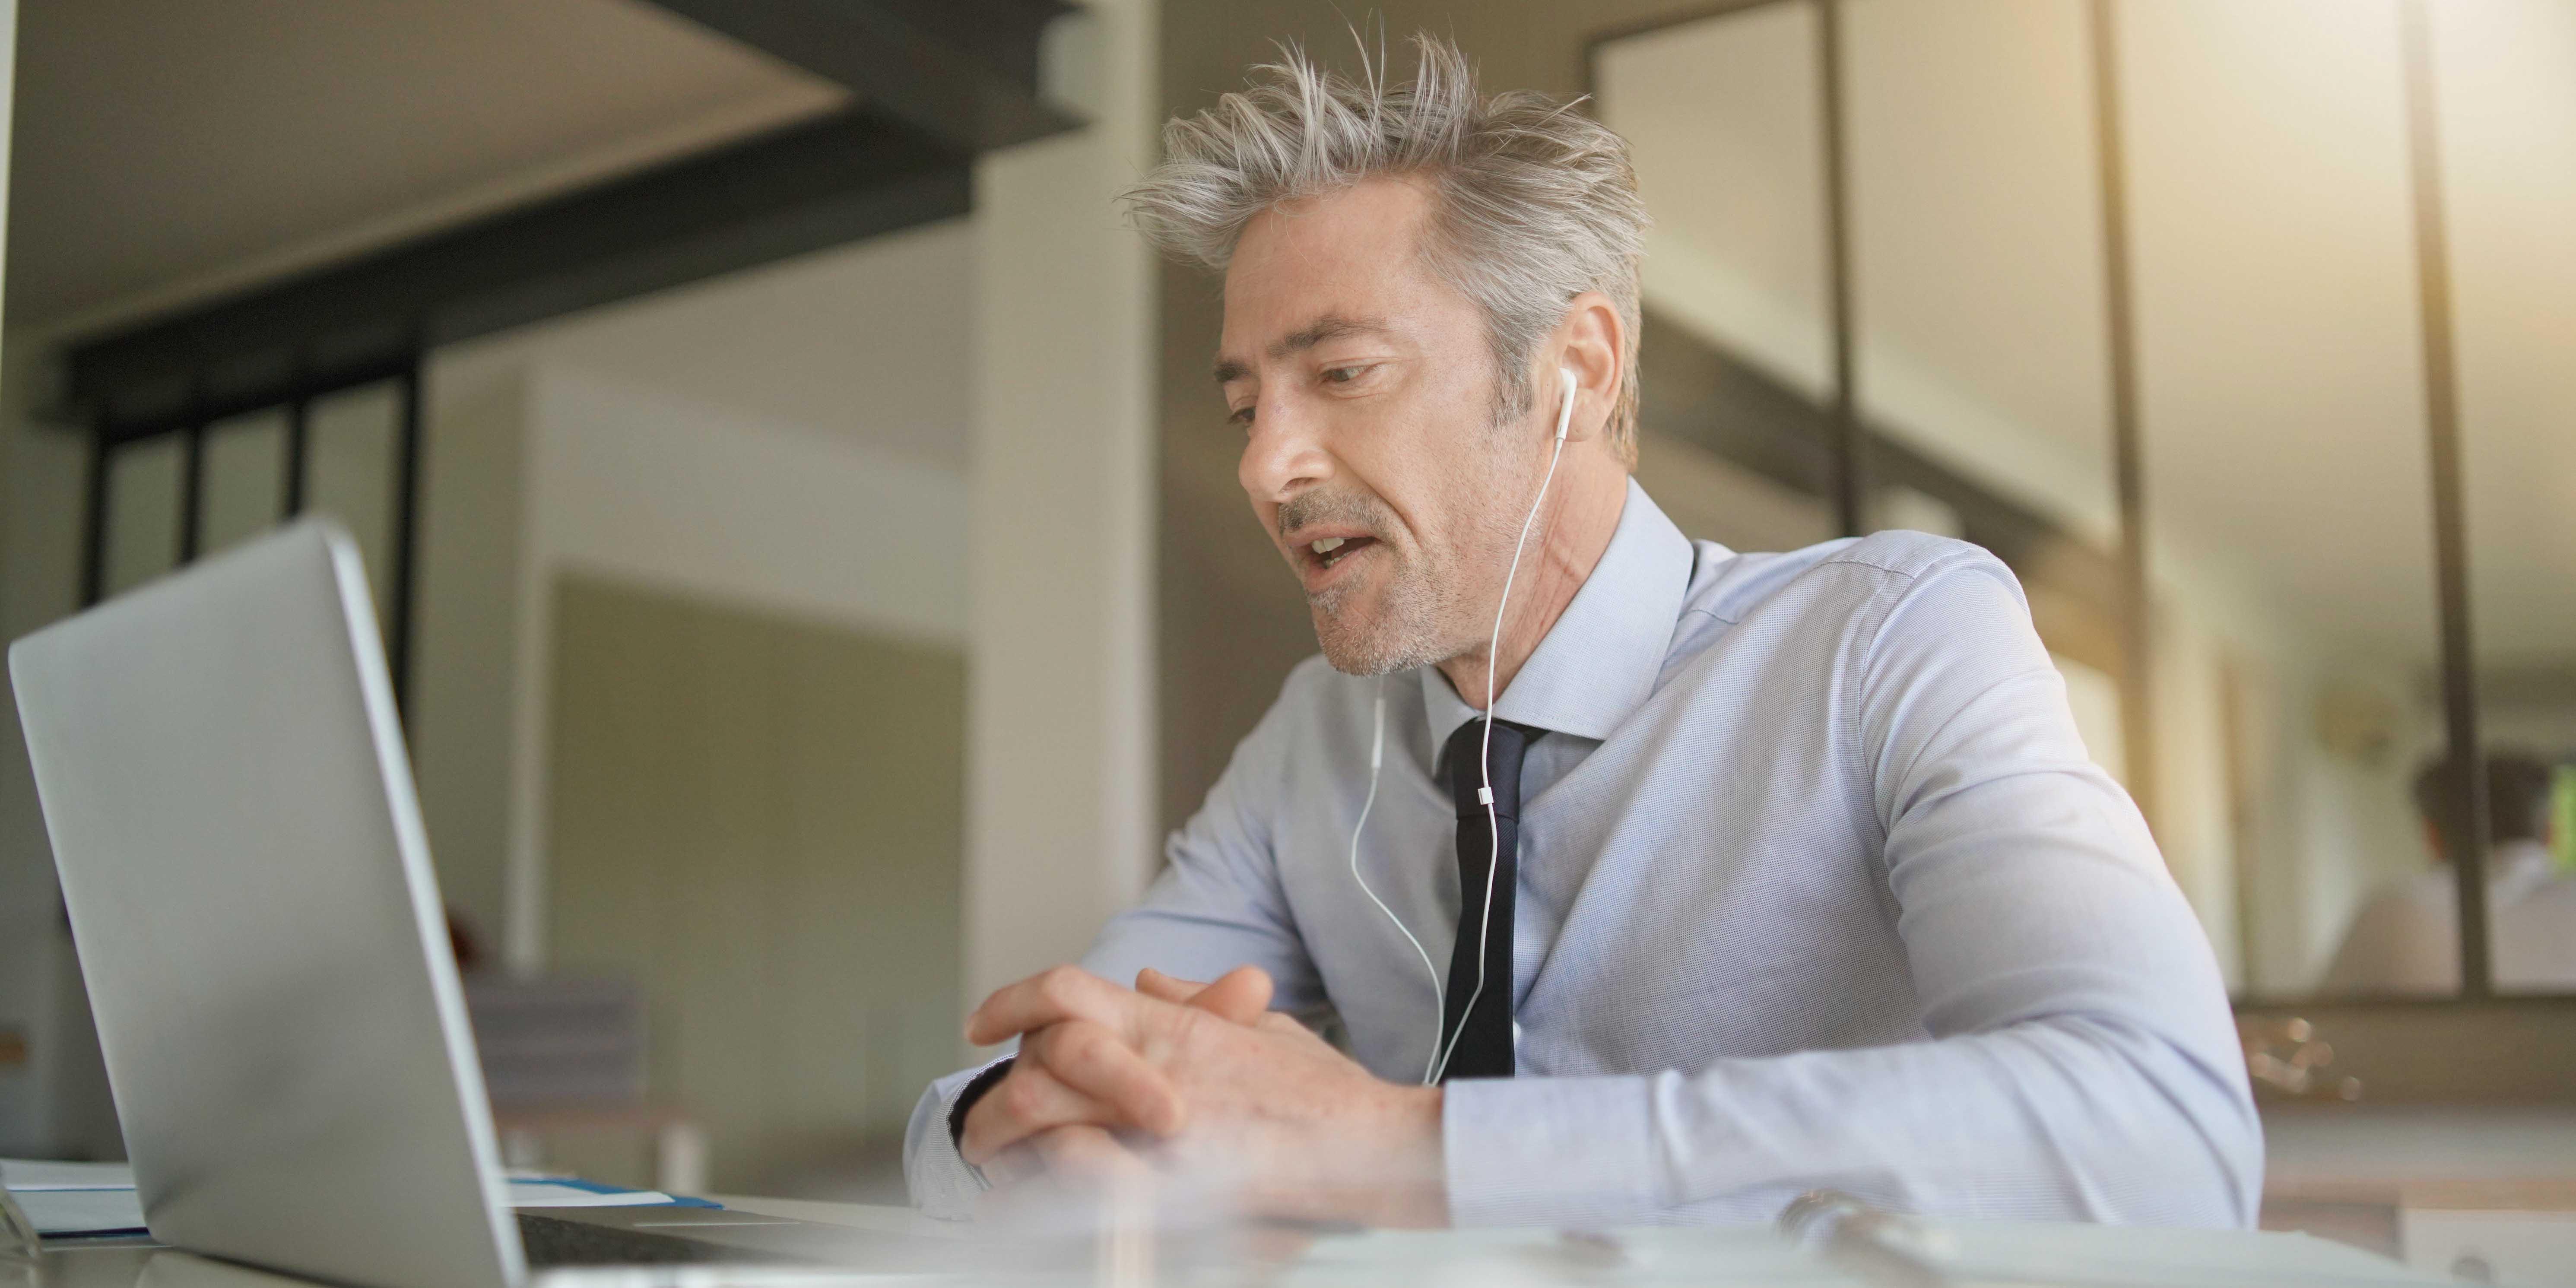 Virtual Meetings & Presentation Best Practices